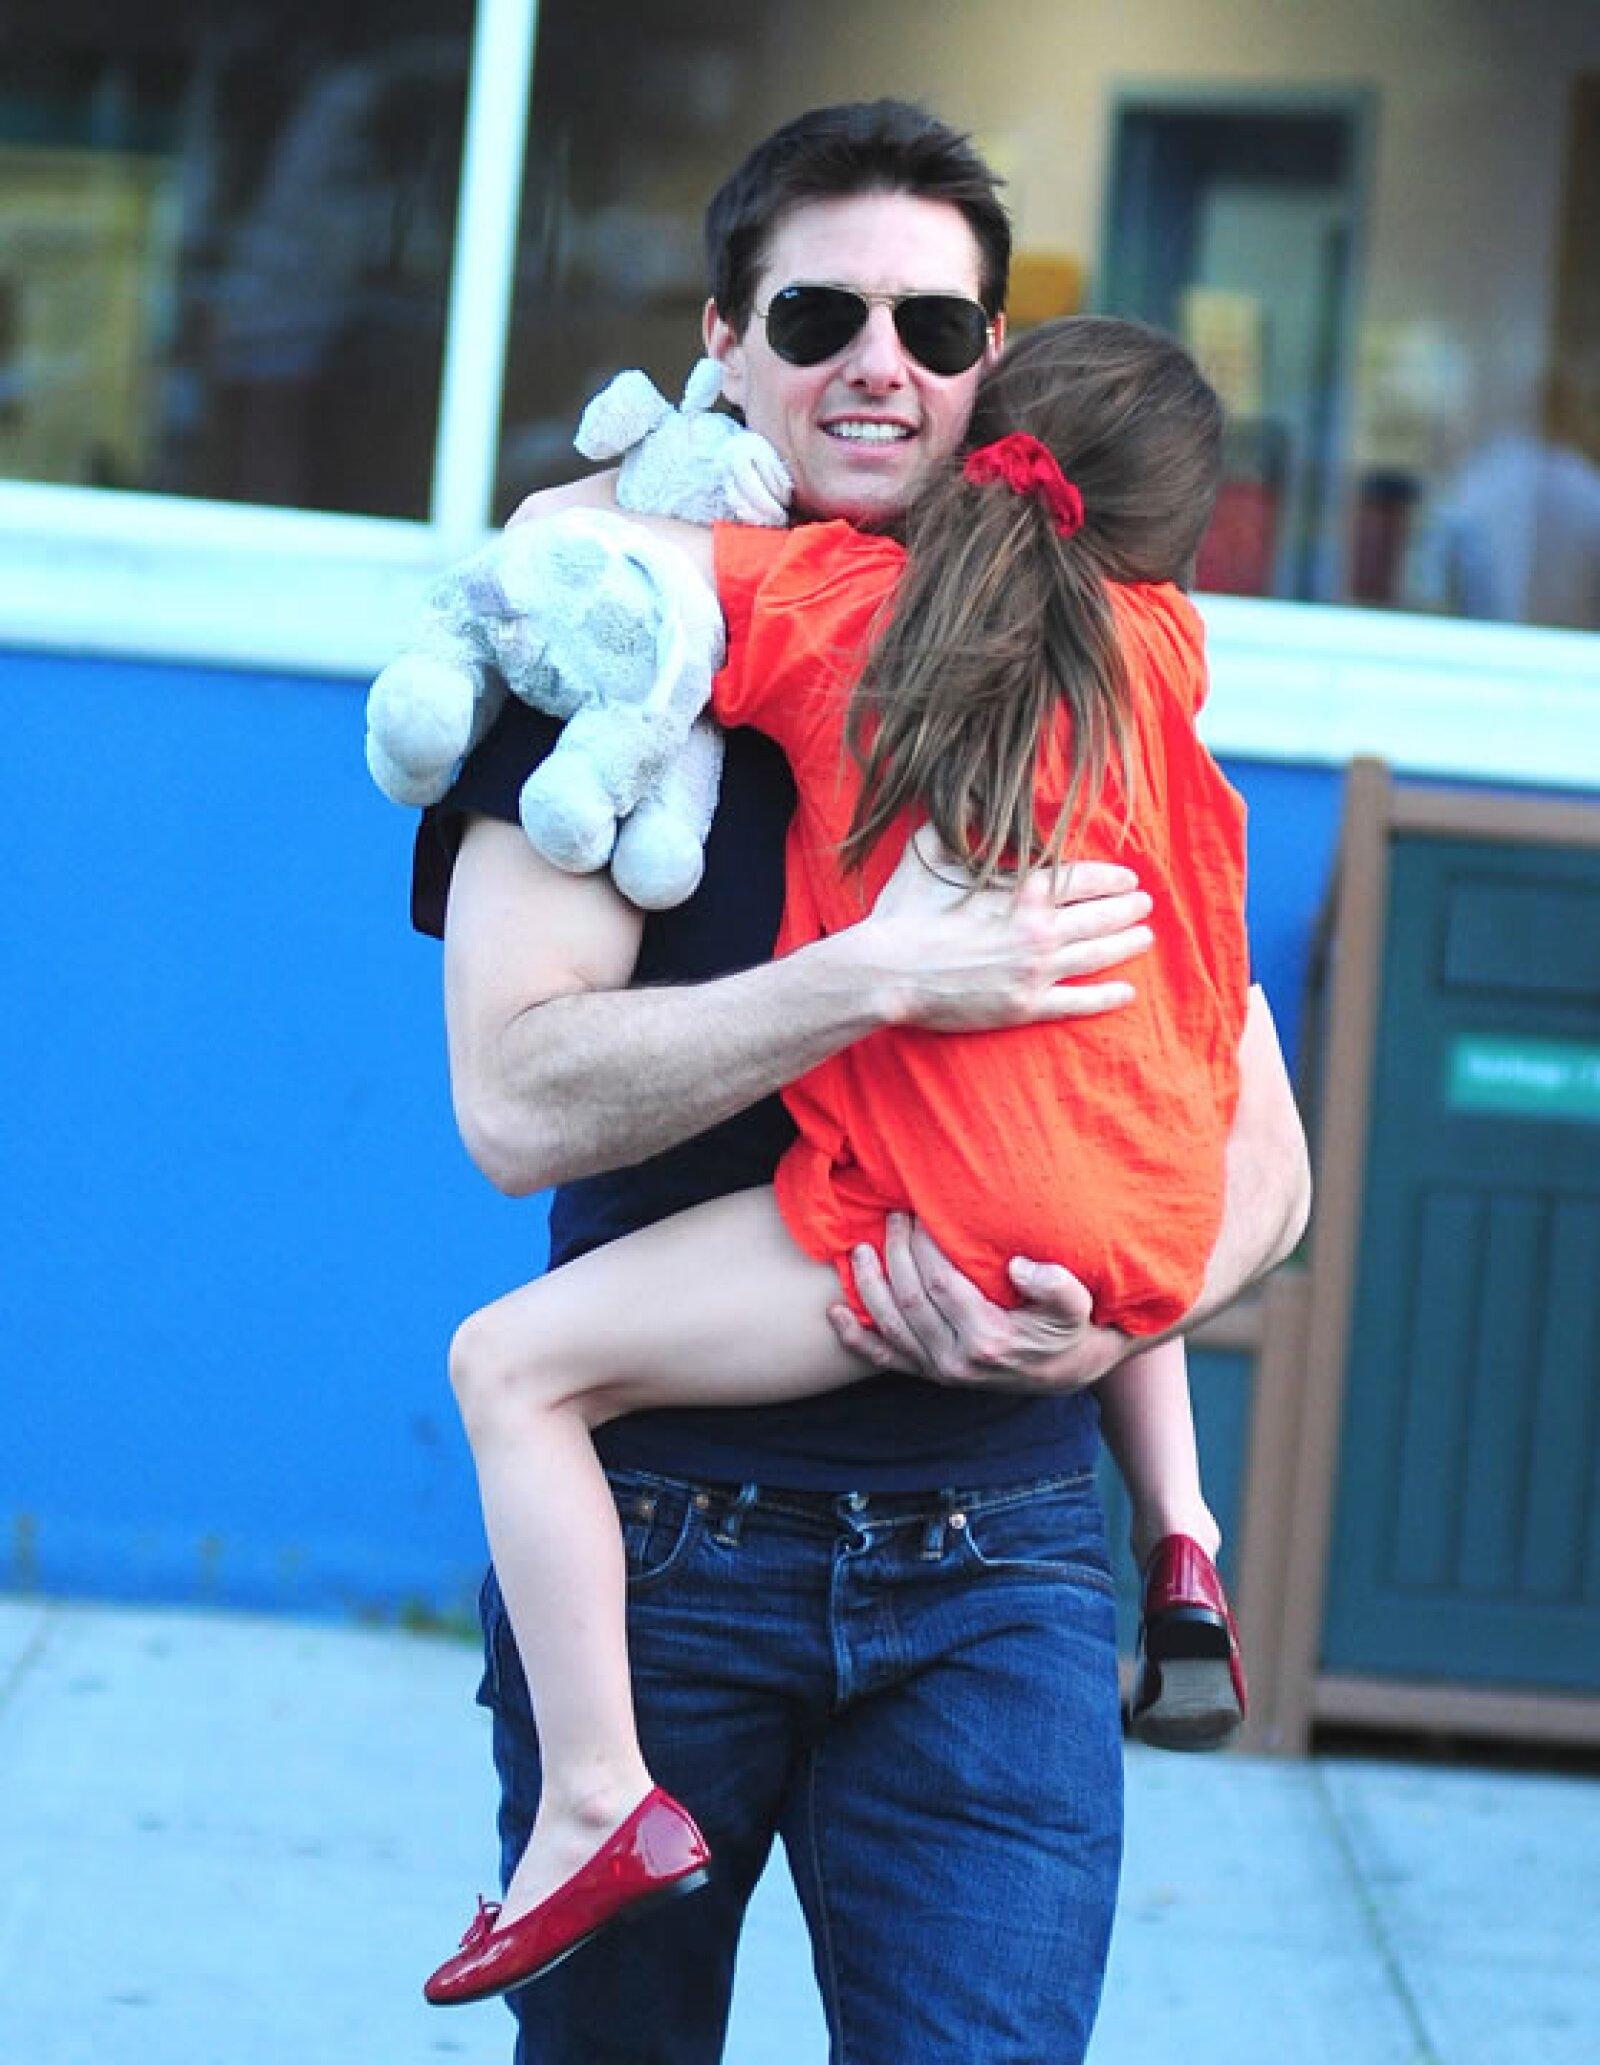 Aunque sus papás ya no están juntos. Tom continúa hablando con ella y visitándola.